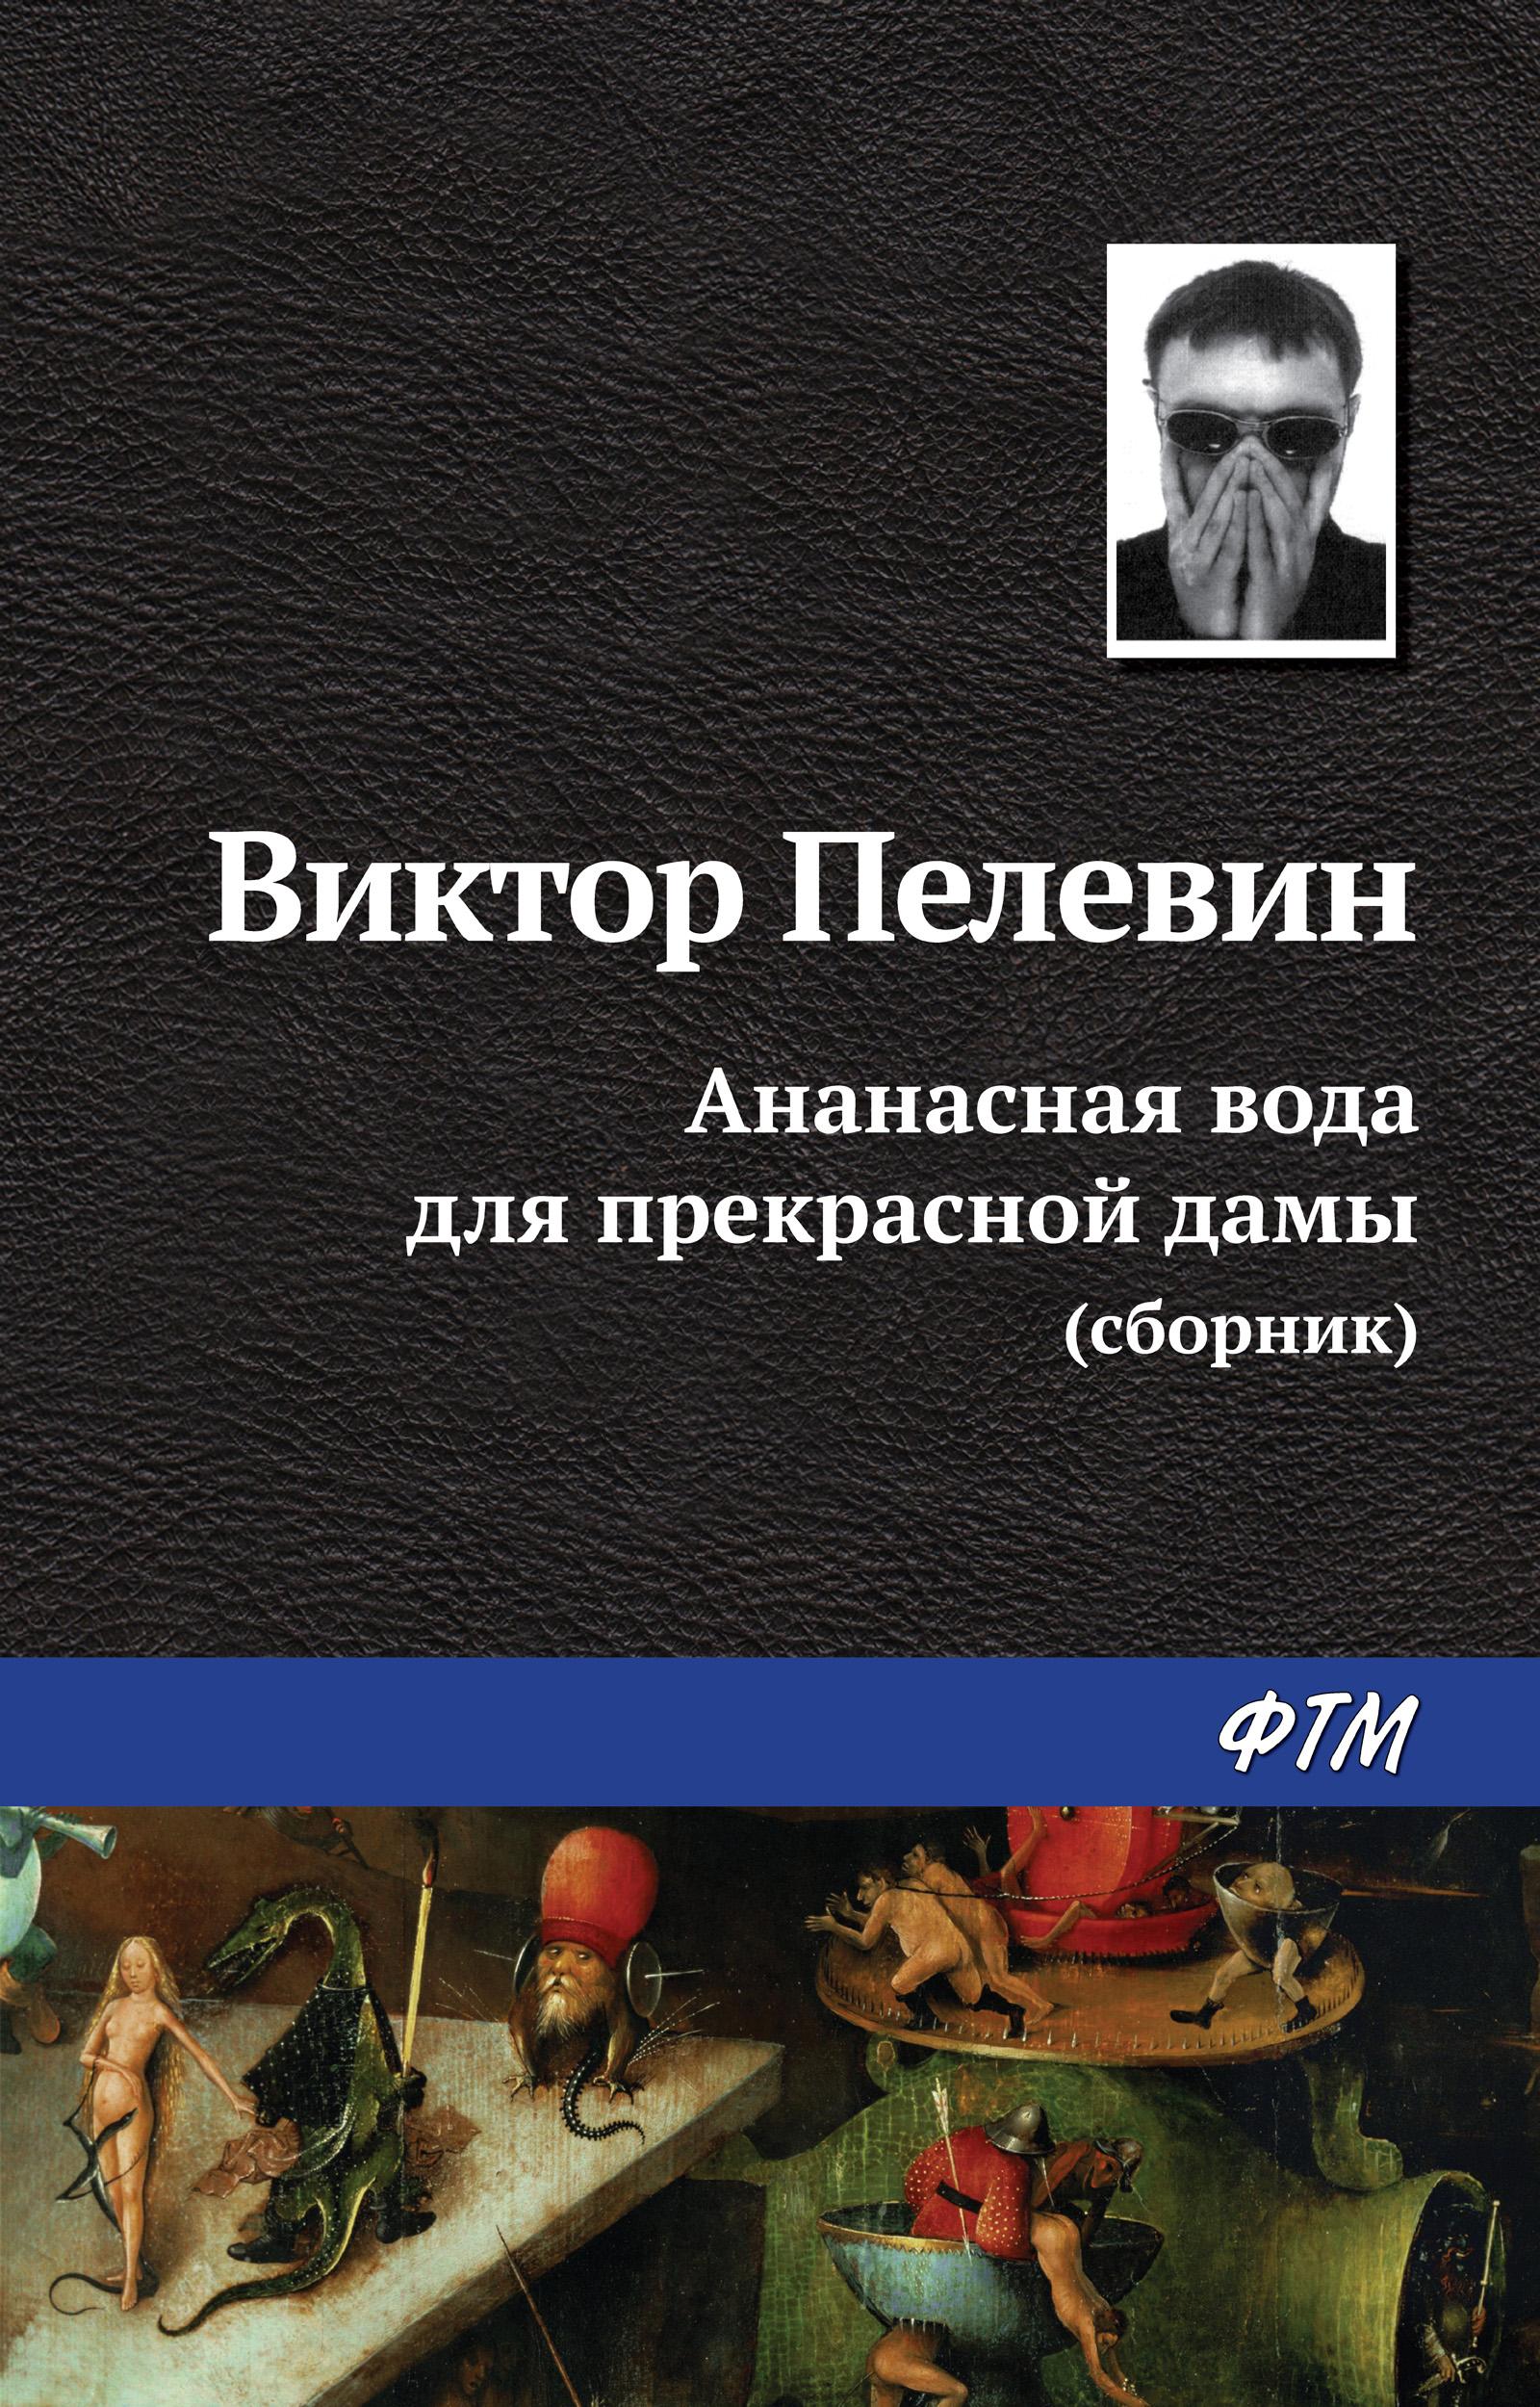 Виктор Пелевин Ананасная вода для прекрасной дамы (сборник) пелевин в ананасная вода для прекрасной дамы page 9